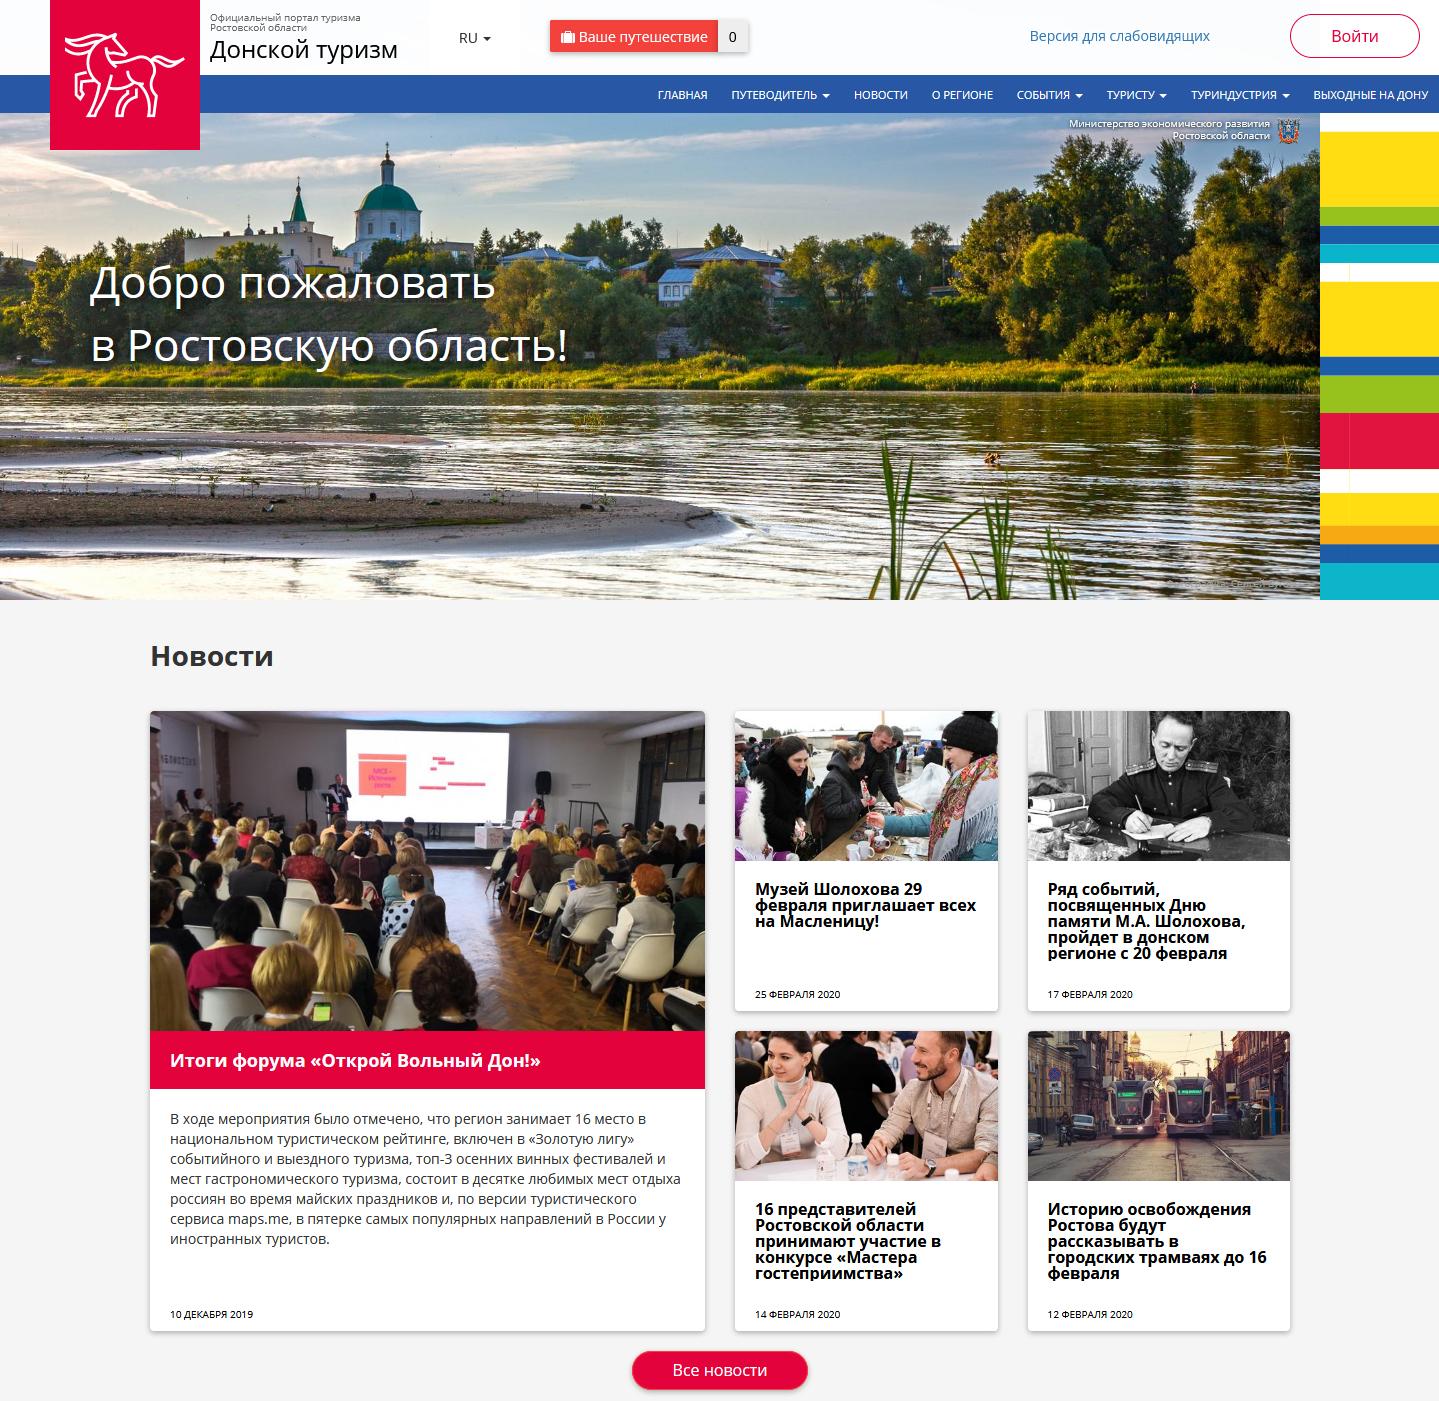 Главная страница портала visitdon.ru